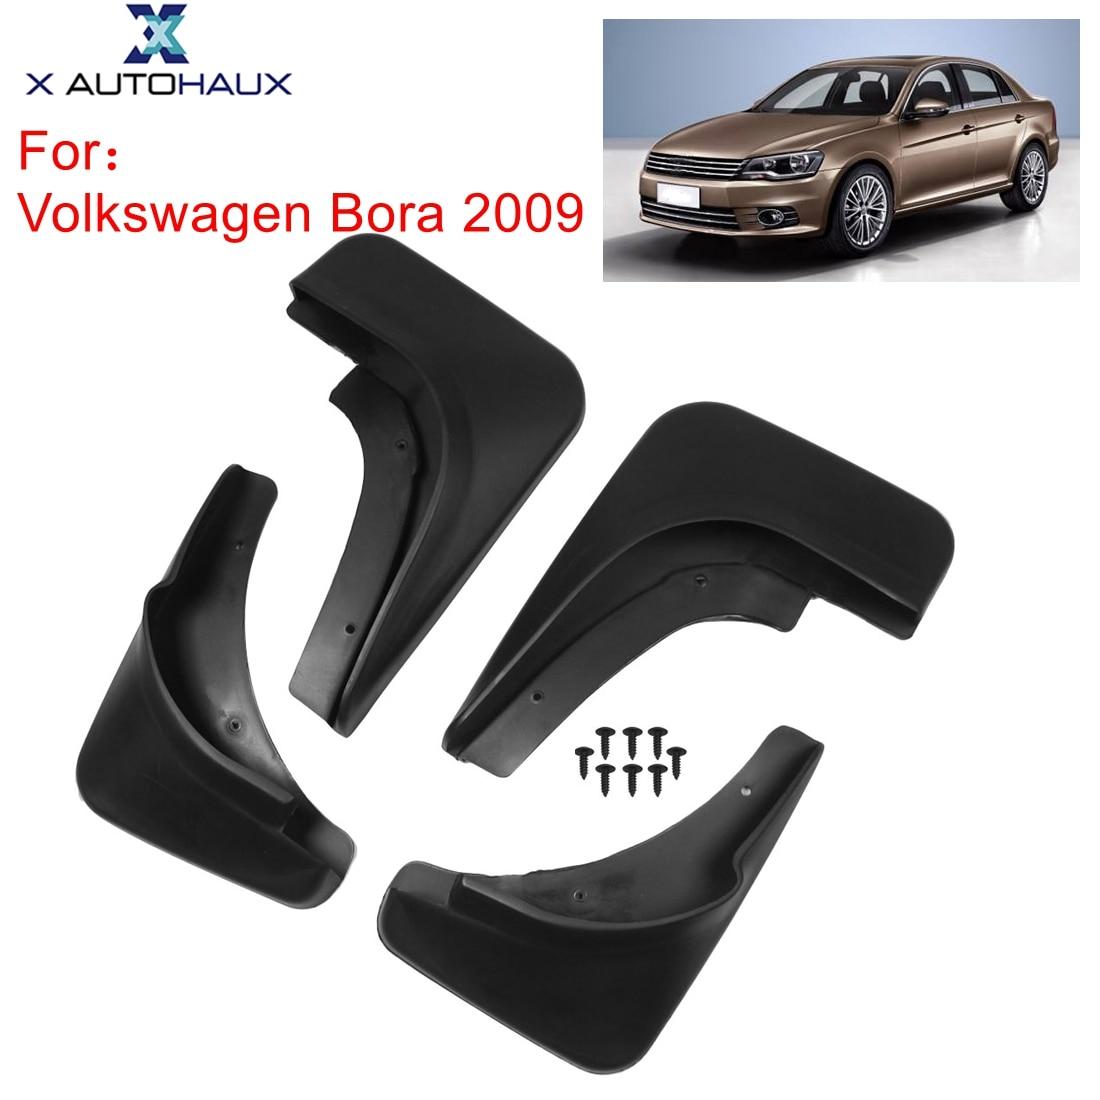 X Autohaux 4 шт. черный пластиковый автомобильный передний задний крыло брызговики Брызговики Набор для Volkswagen Bora 2009 для Polo 2011